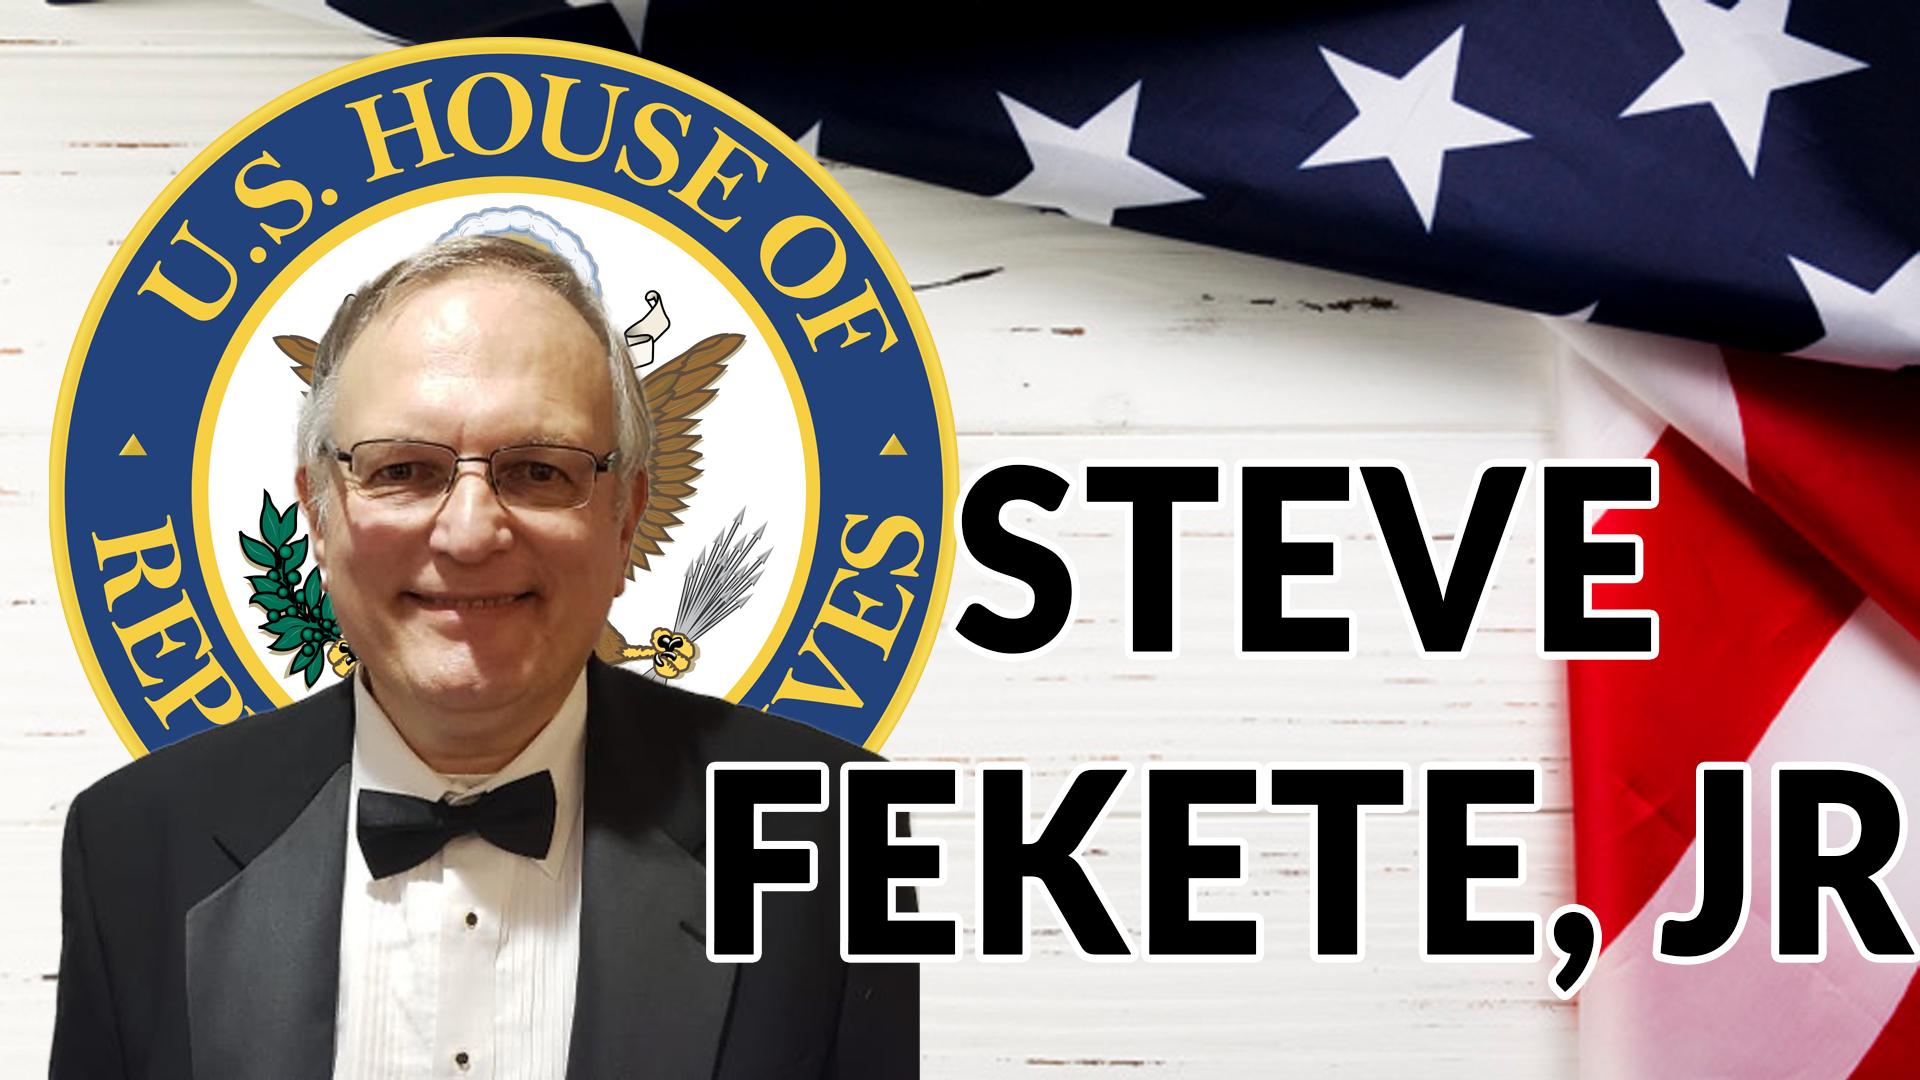 STEVE FEKETE, JR FOR NC HOUSE OF REPRESENTATIVES | AREN 143